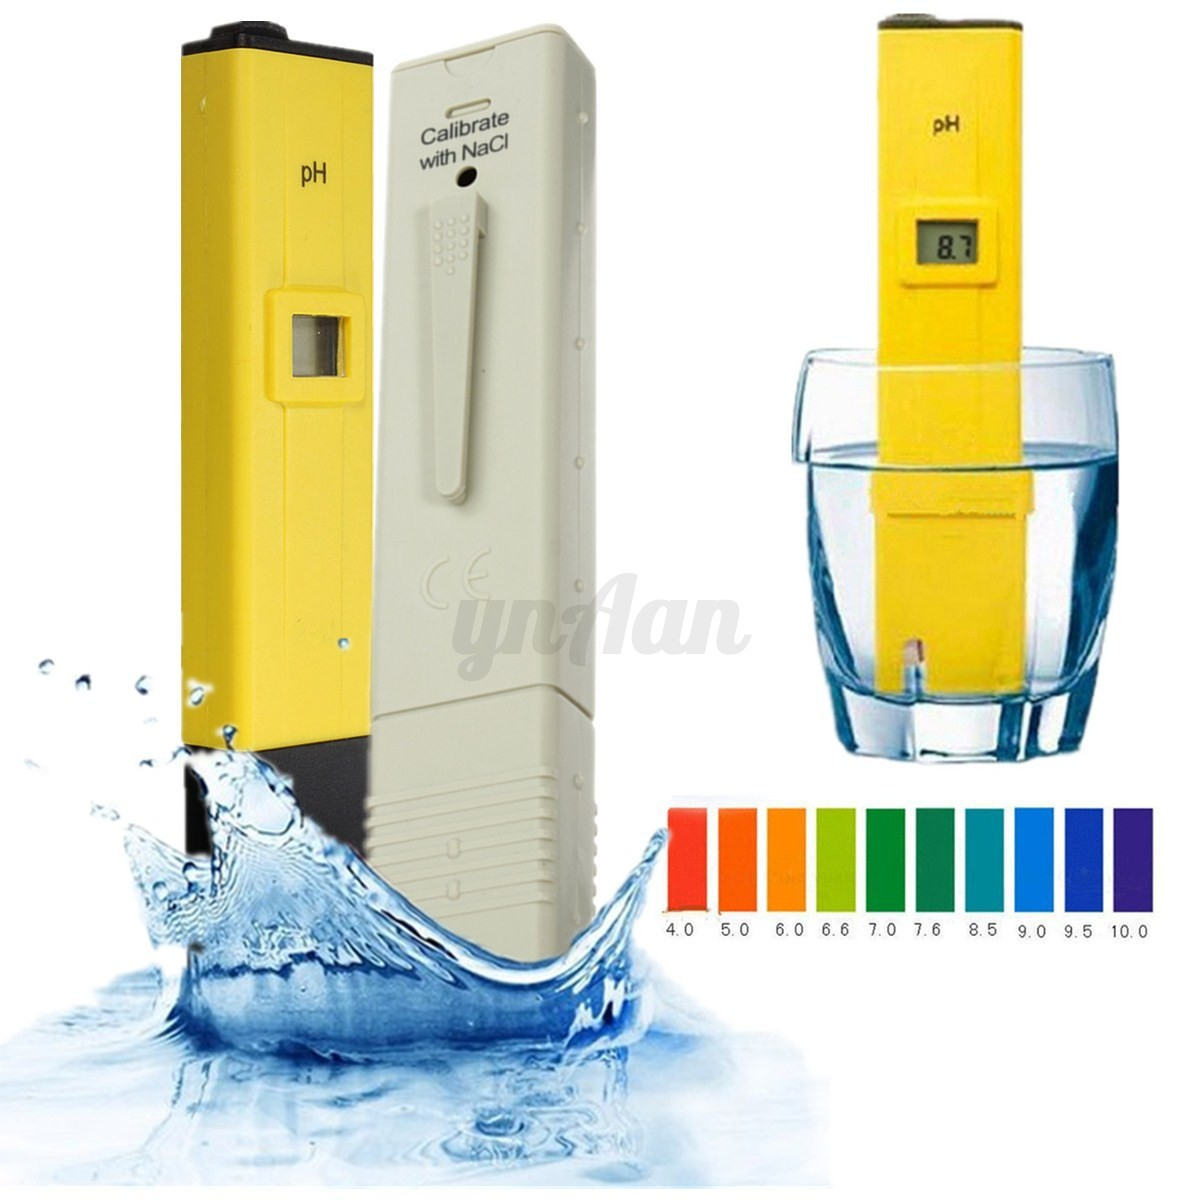 Lcd ph meter misuratore digitale tds misuratore acquario acqua tester penna ebay - Misuratore ph piscina ...